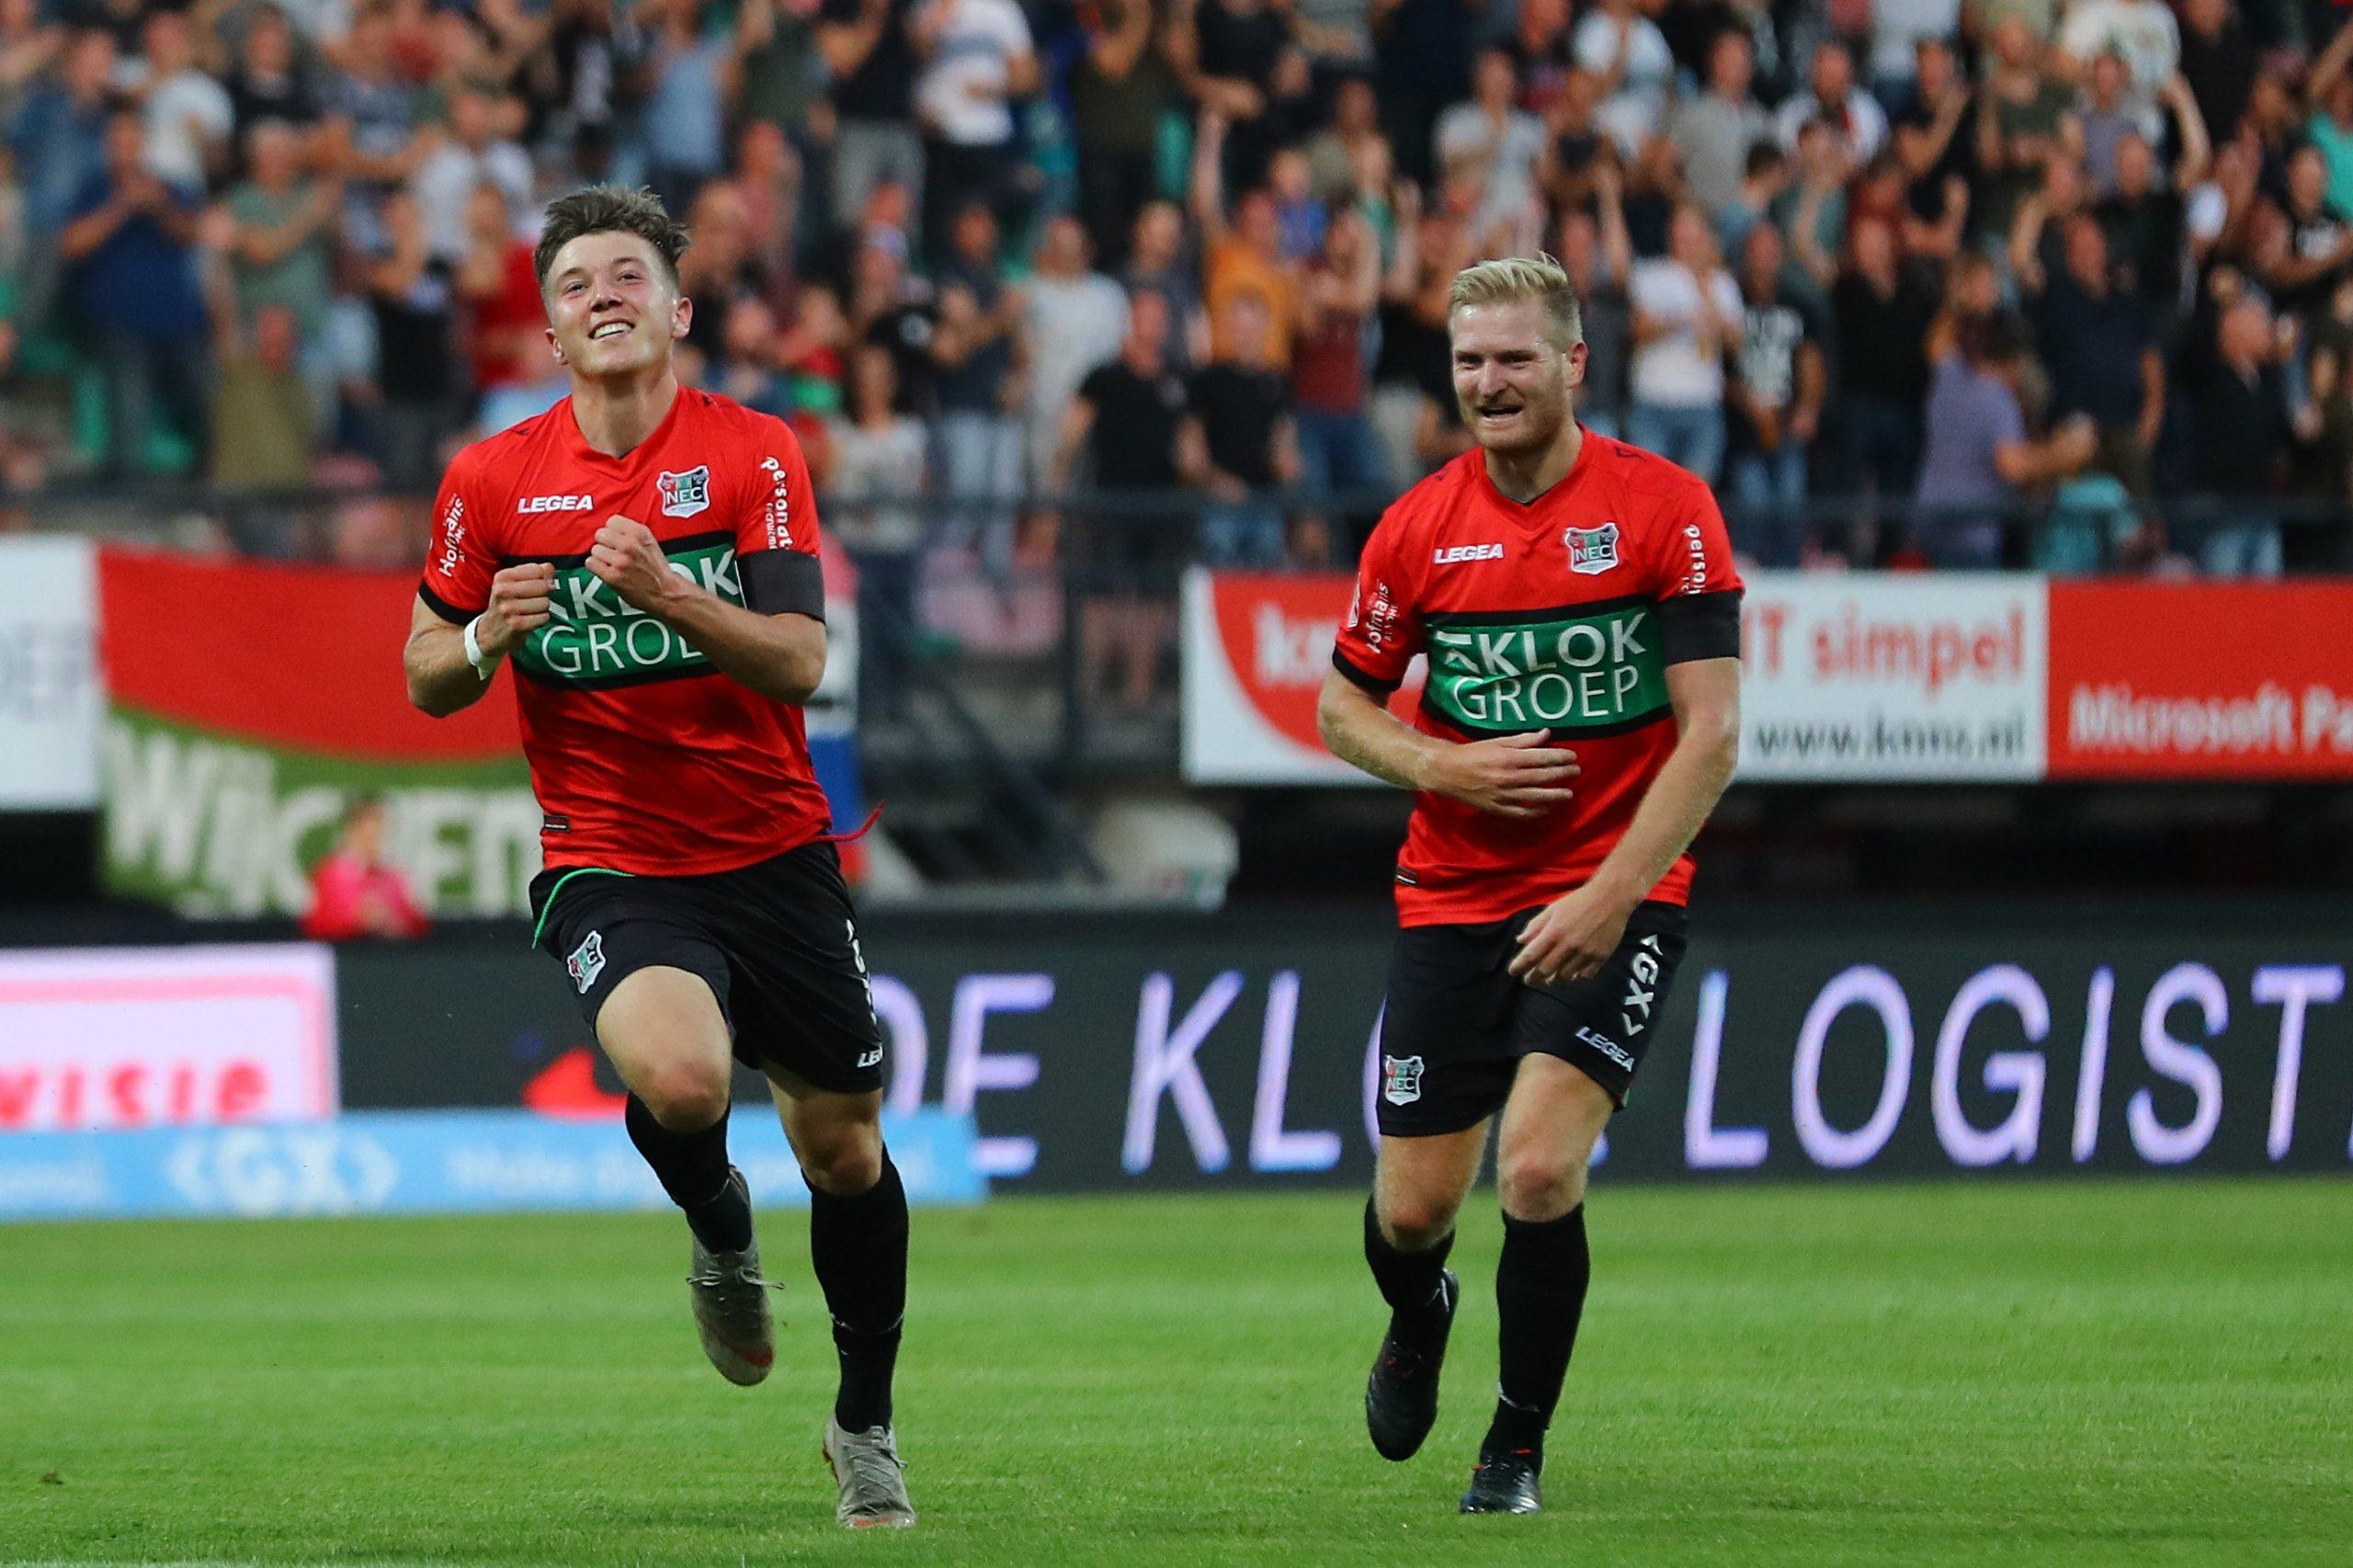 Voorbeschouwing: NEC op bezoek bij koploper NAC Breda